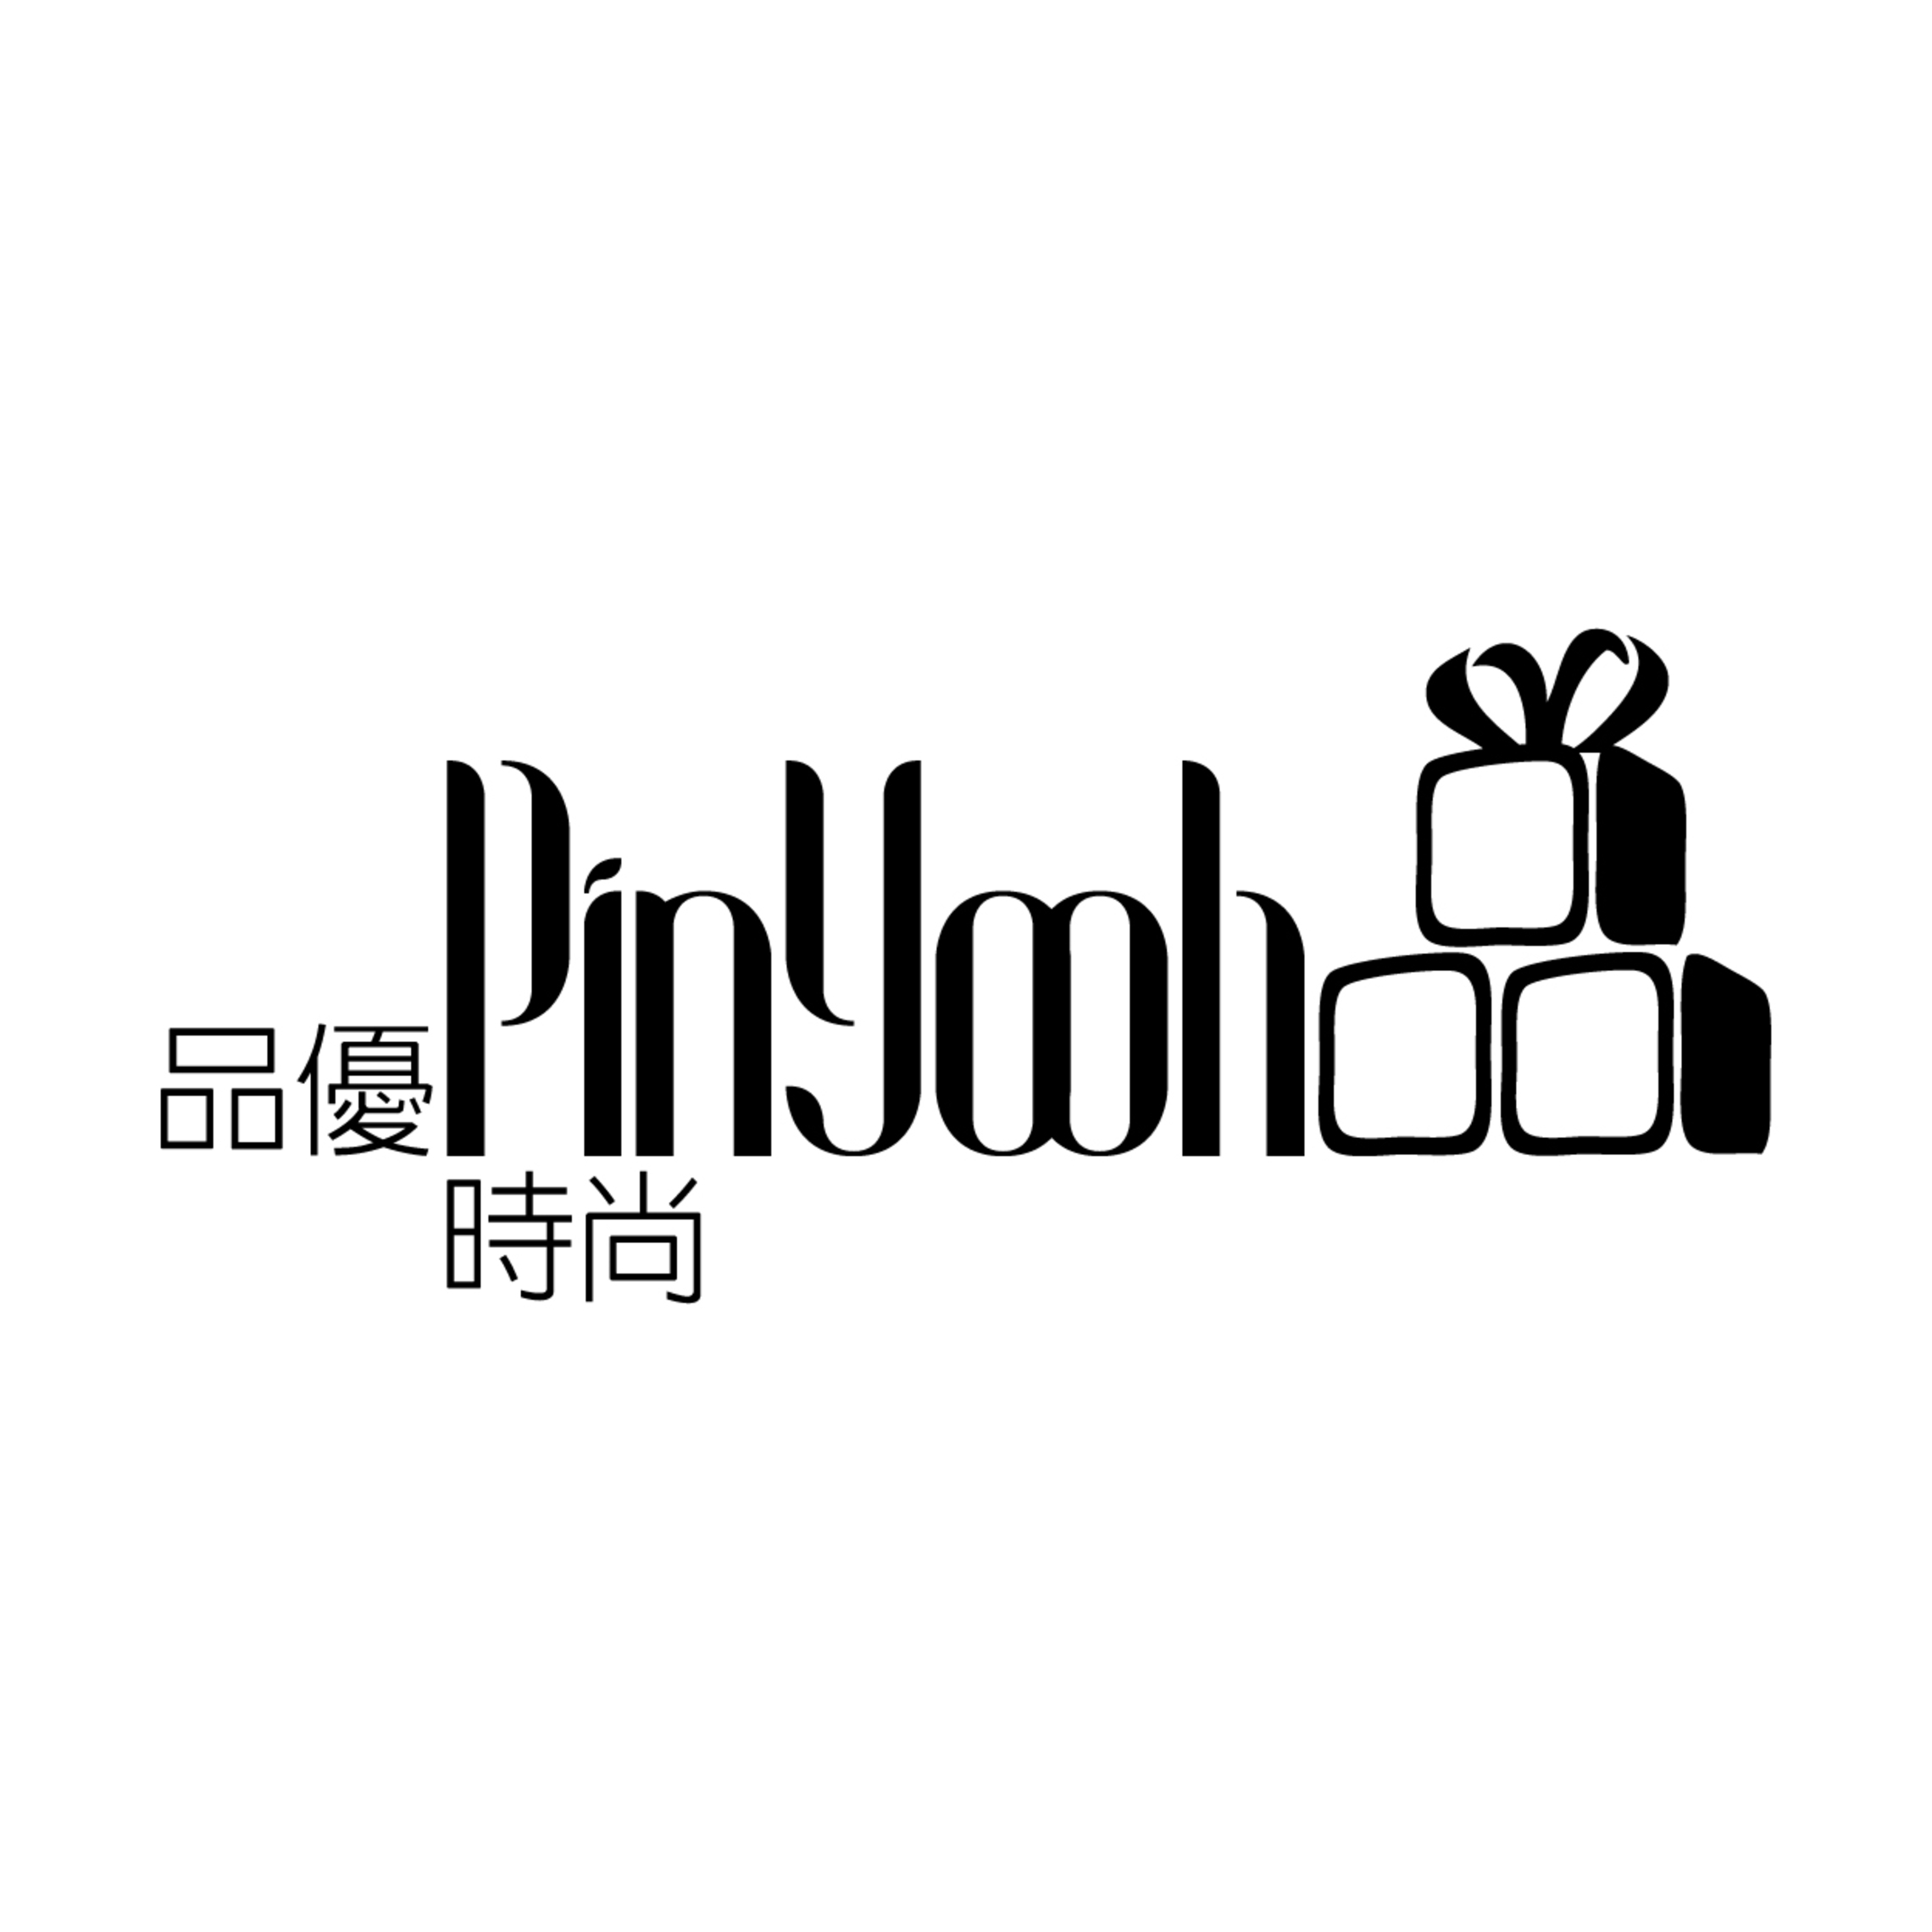 pinyooh com- company logo